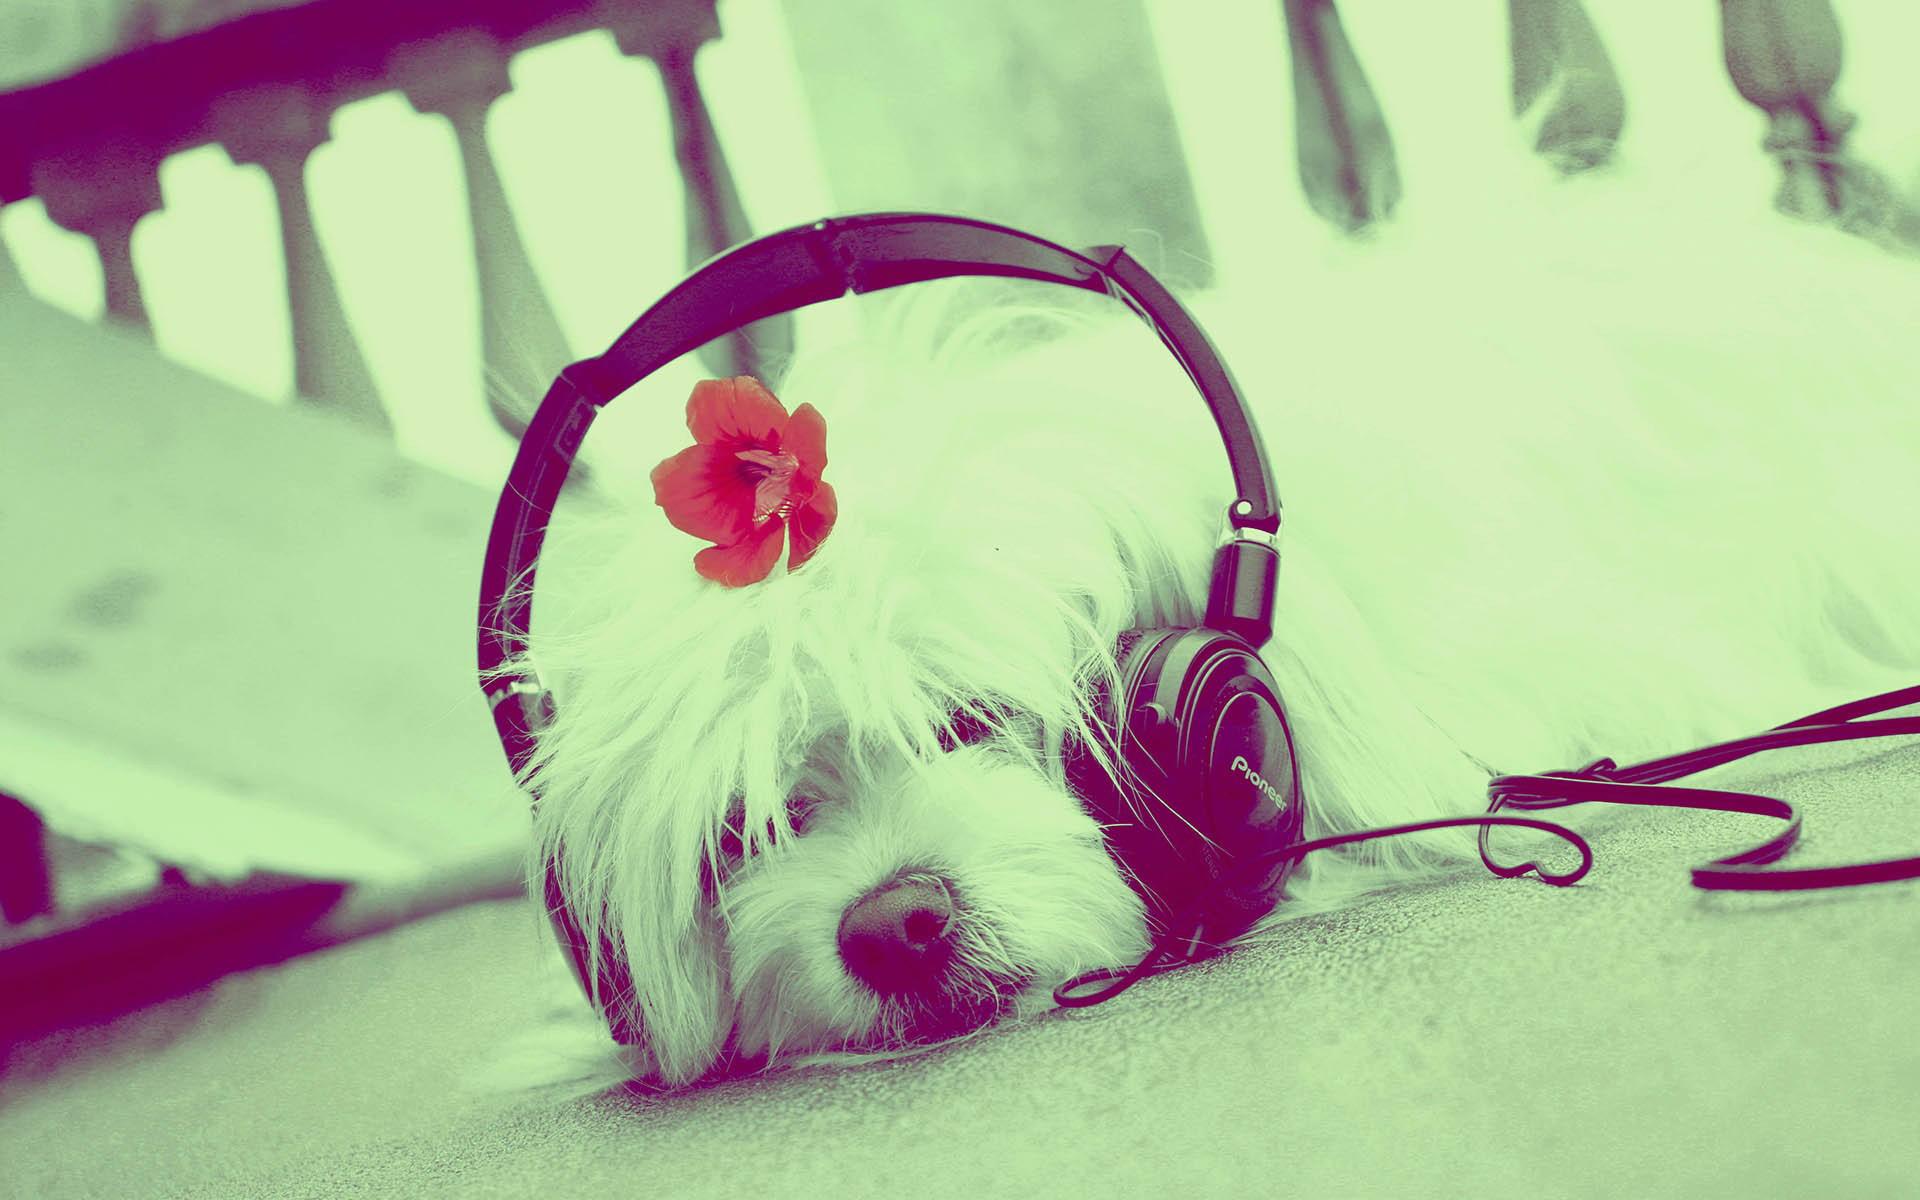 Cute Music Wallpaper - WallpaperSafari